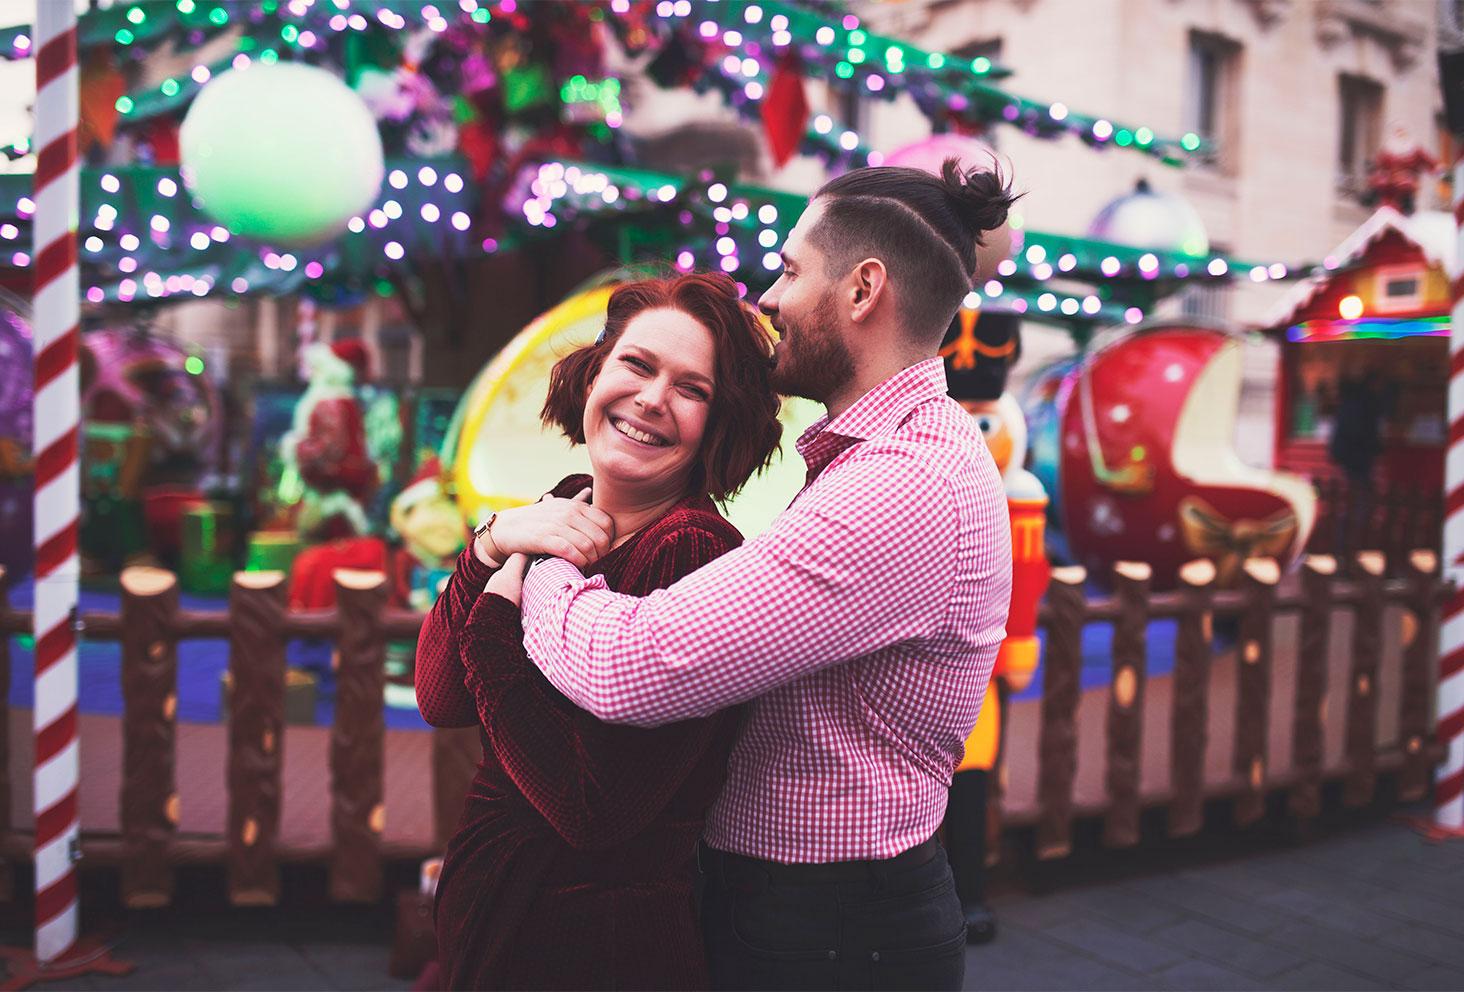 Dans les bras de mon amoureux devant les illuminations du marché de Noël, avec le sourire pour les 4 ans de blog